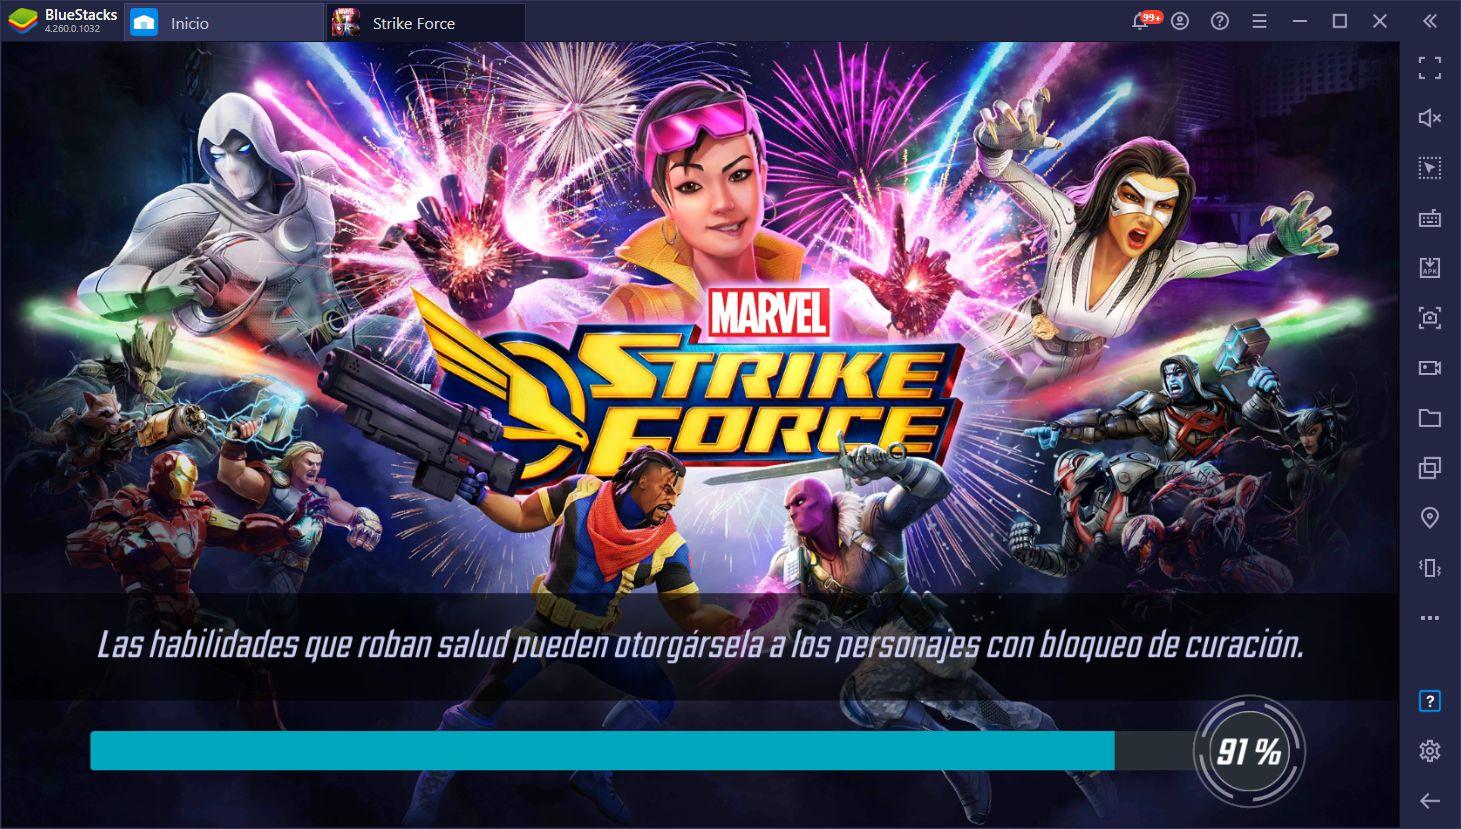 Marvel Strike Force Parche 5.1 – Detalles Sobre los Nuevos Personajes y Cambios a Sistemas